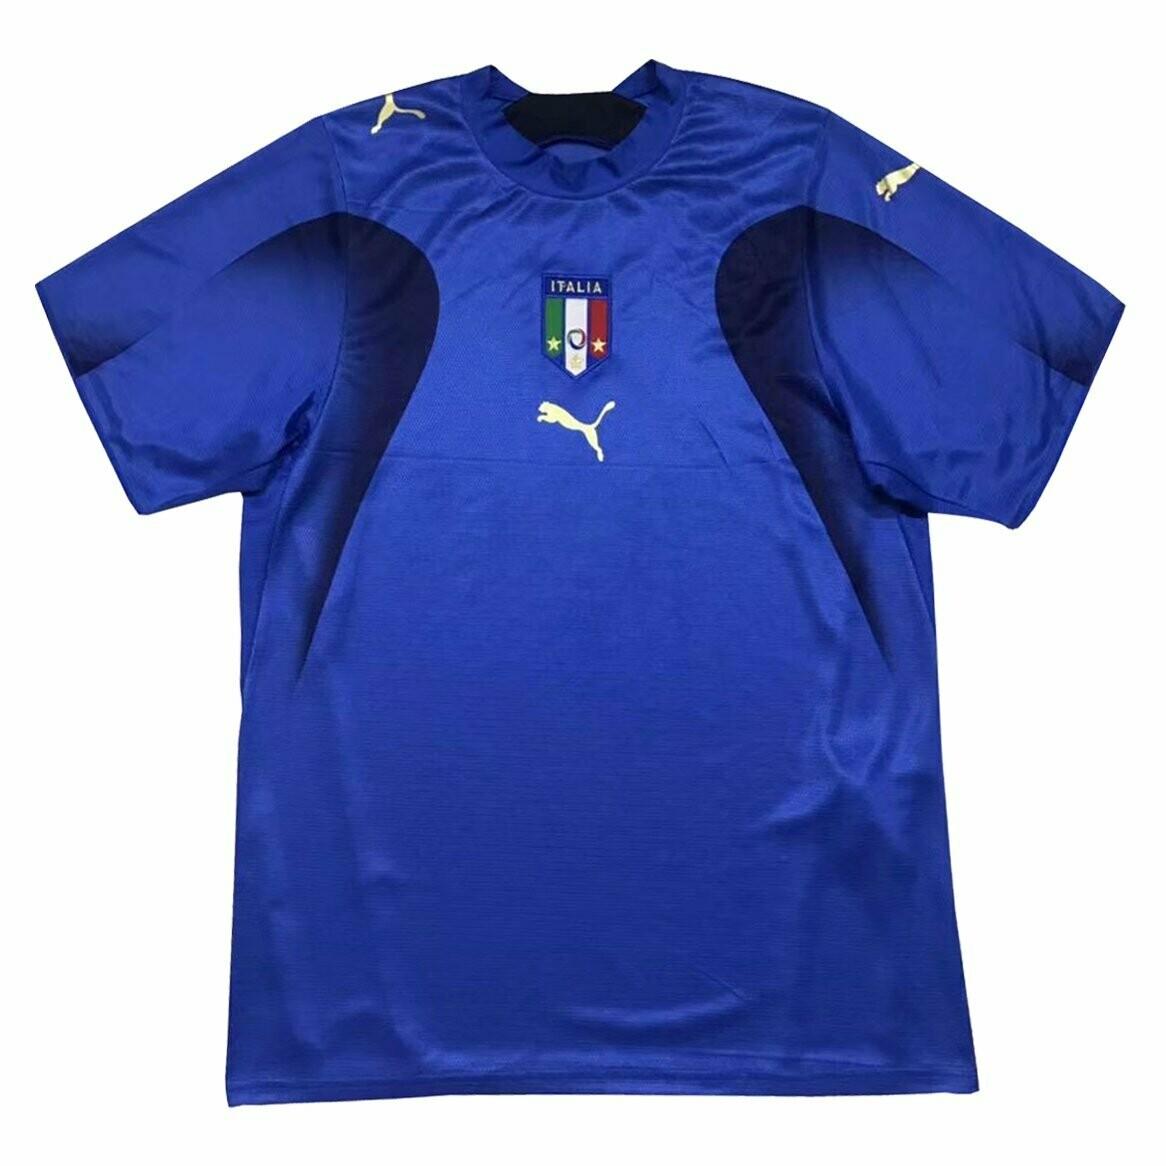 Camisa Seleção da Itália Retrô 2006